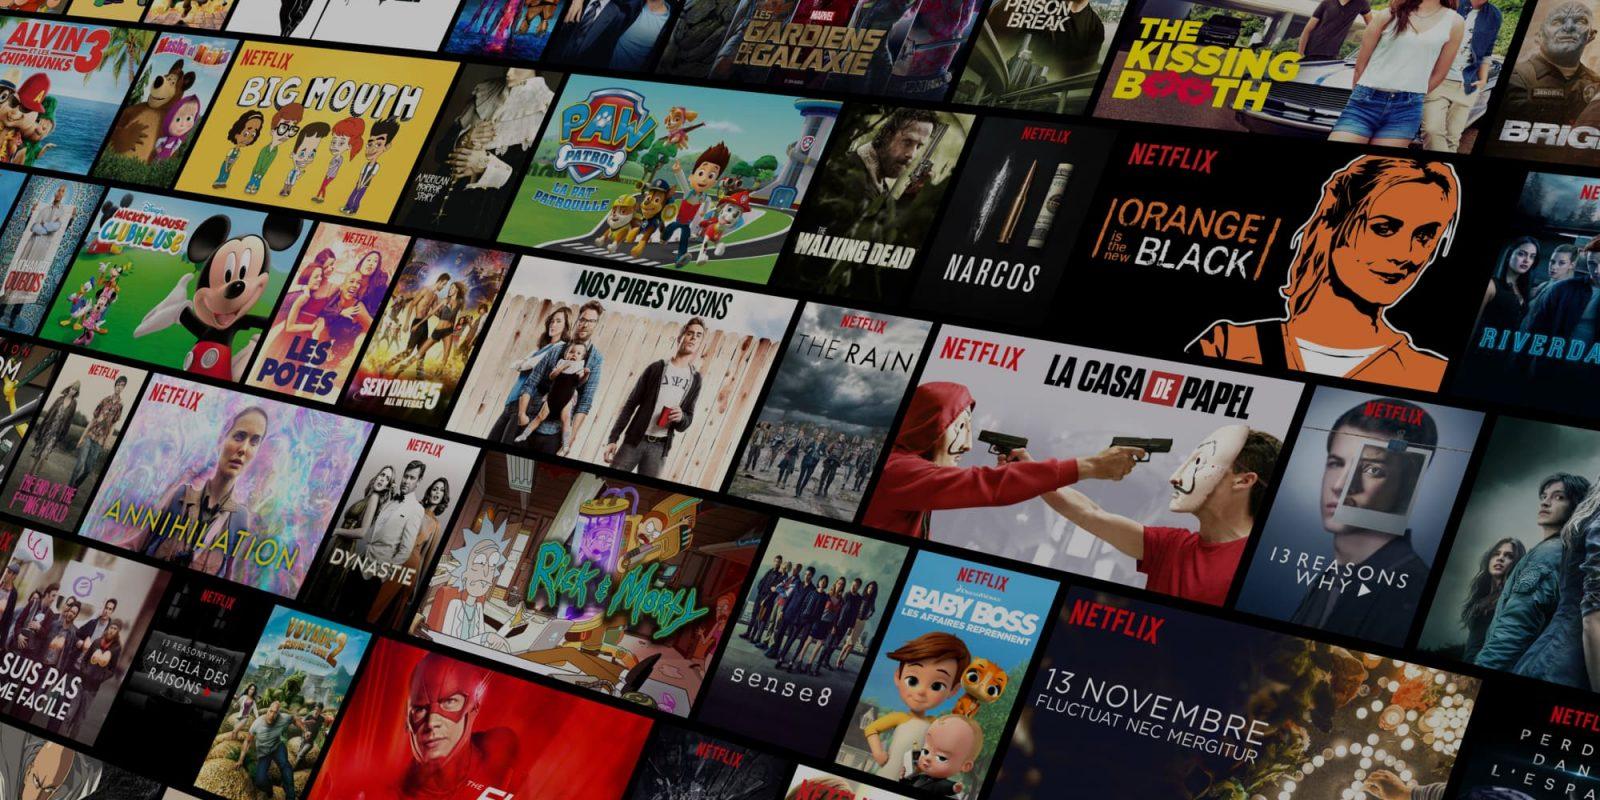 Les séries les plus populaires sur Netflix